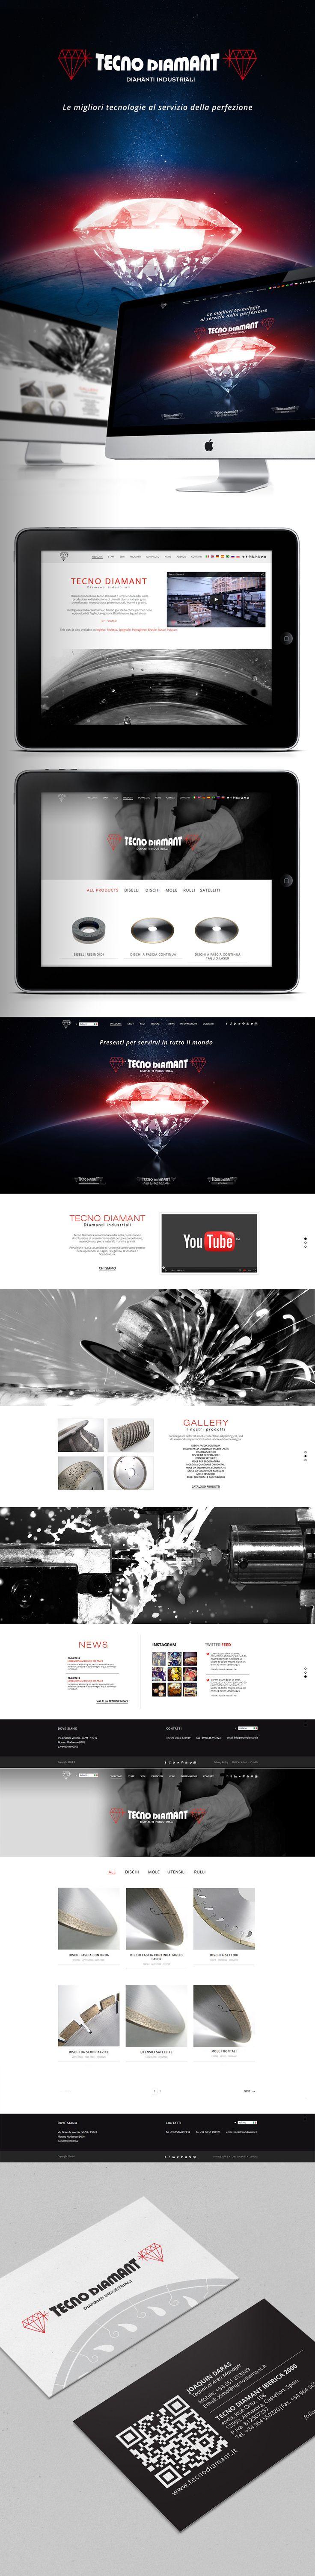 Tecno Diamant - Produzione e commercio utensili diamantati. Diamanti industriali Tecno Diamant è un'azienda leader nella produzione e distribuzione di utensili diamantati per gres porcellanato, monocottura, pietre naturali, marmi e graniti.  #graphicdeisgn #stampa #webdesign #webmarketing